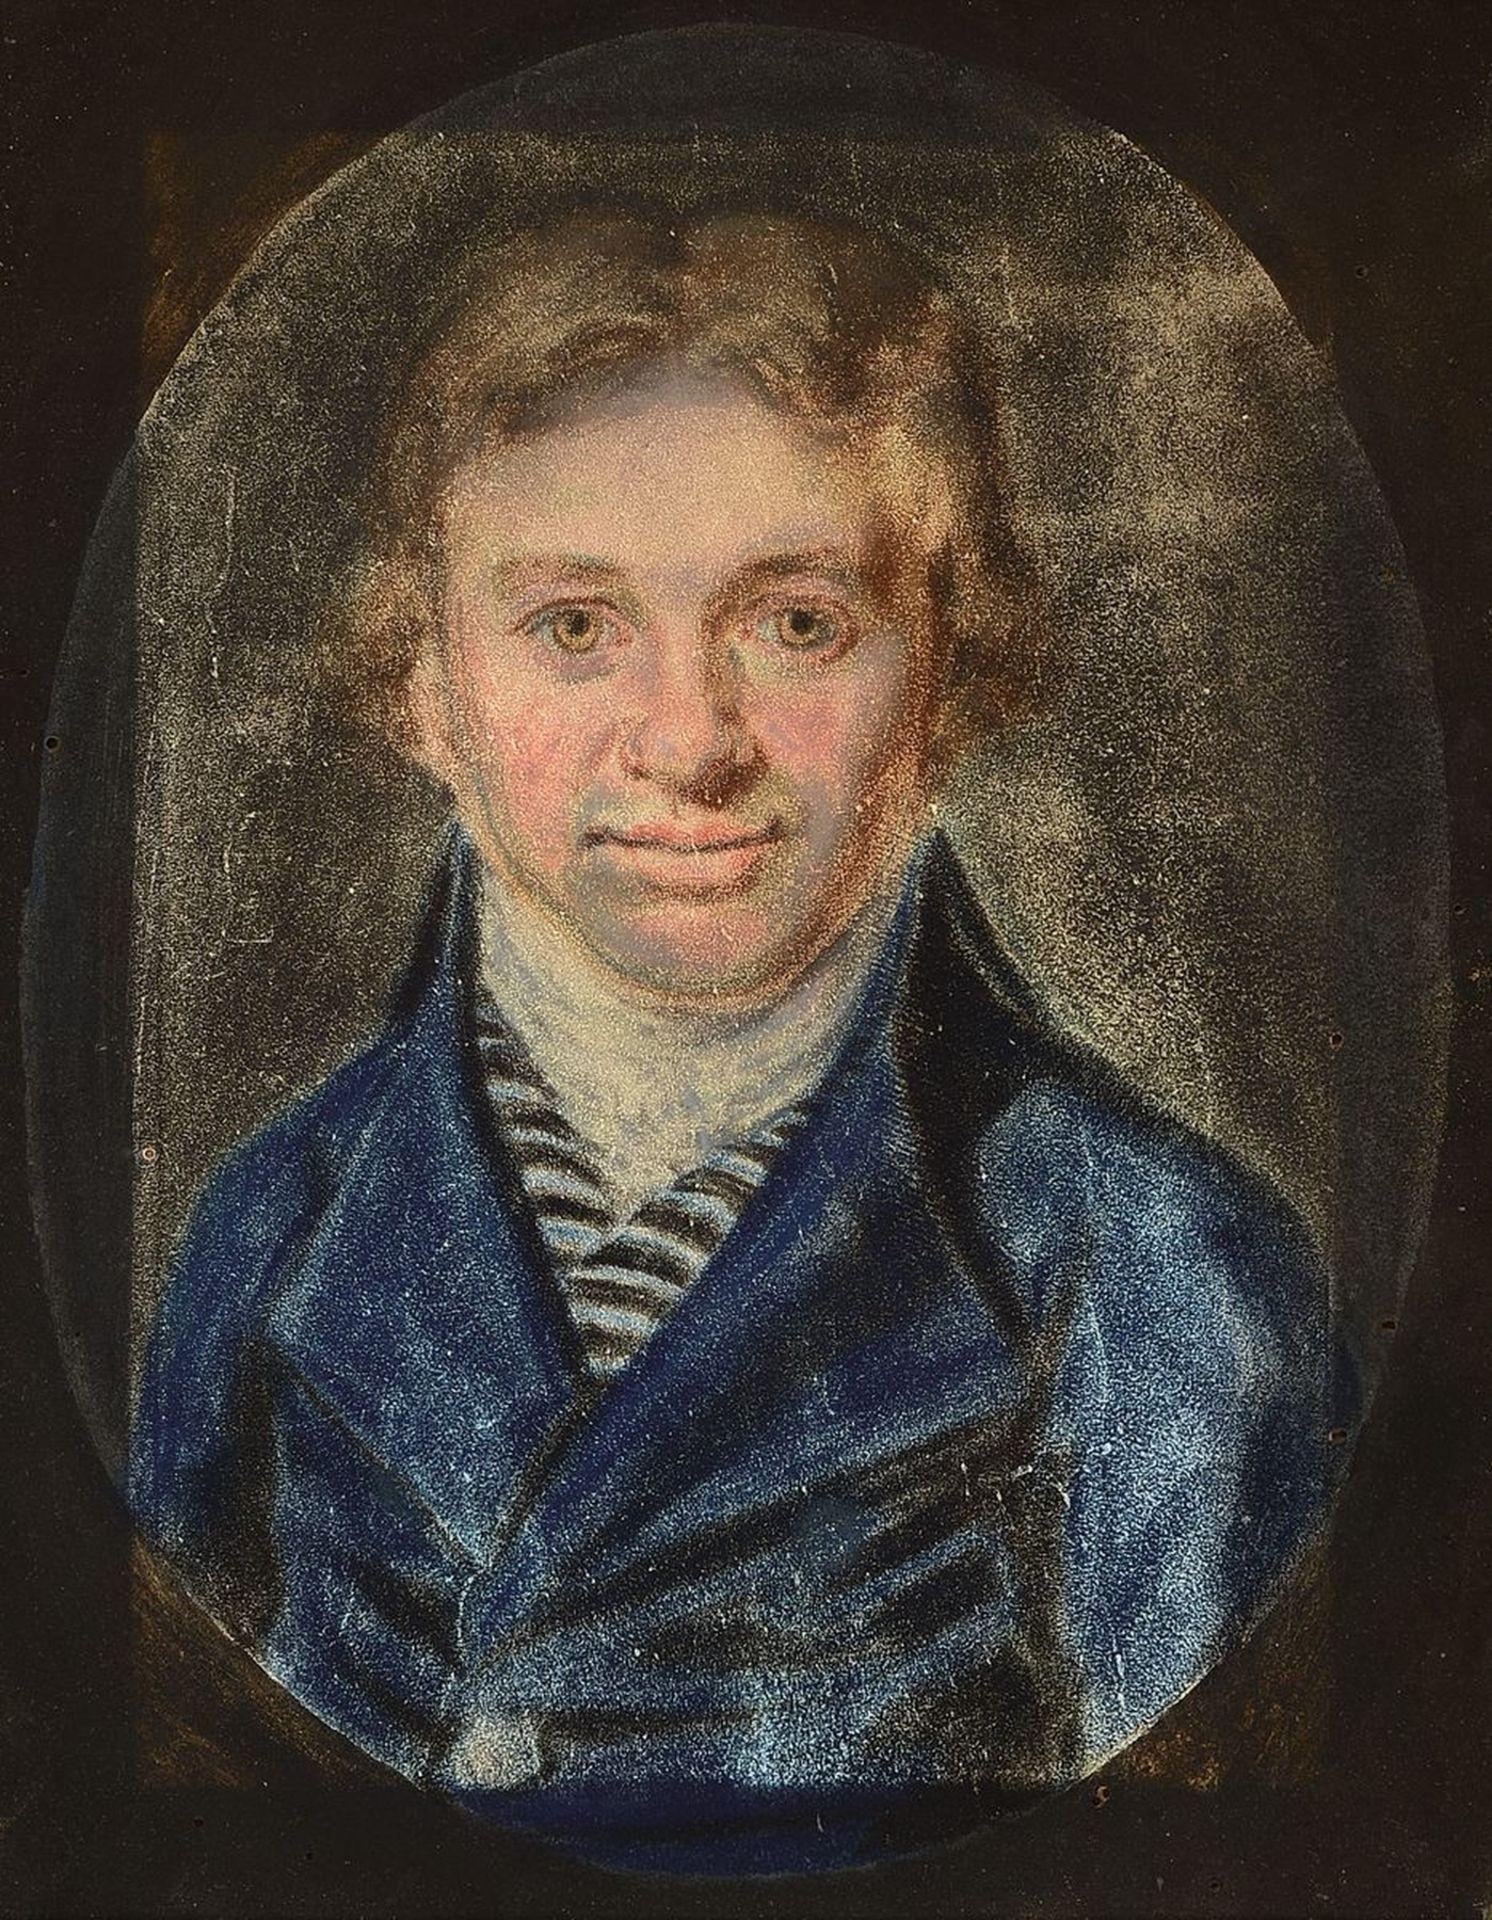 Unbekannter Künstler, um 1810, Porträt eines Mannes im